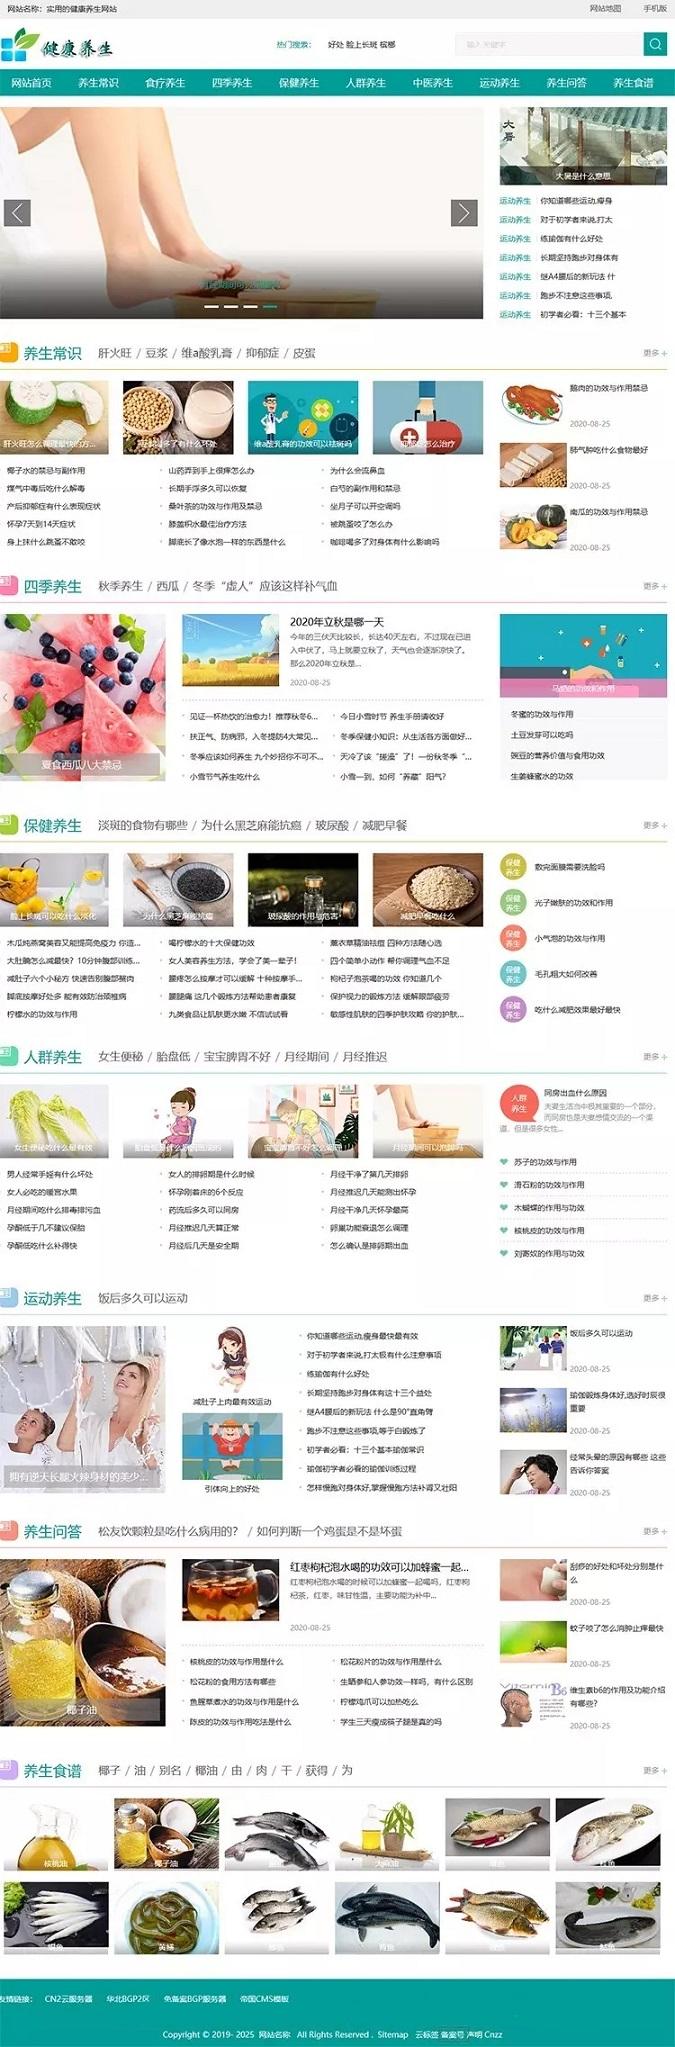 《养生健康》优化版健康养生资讯类网站模板源码(独立手机端)